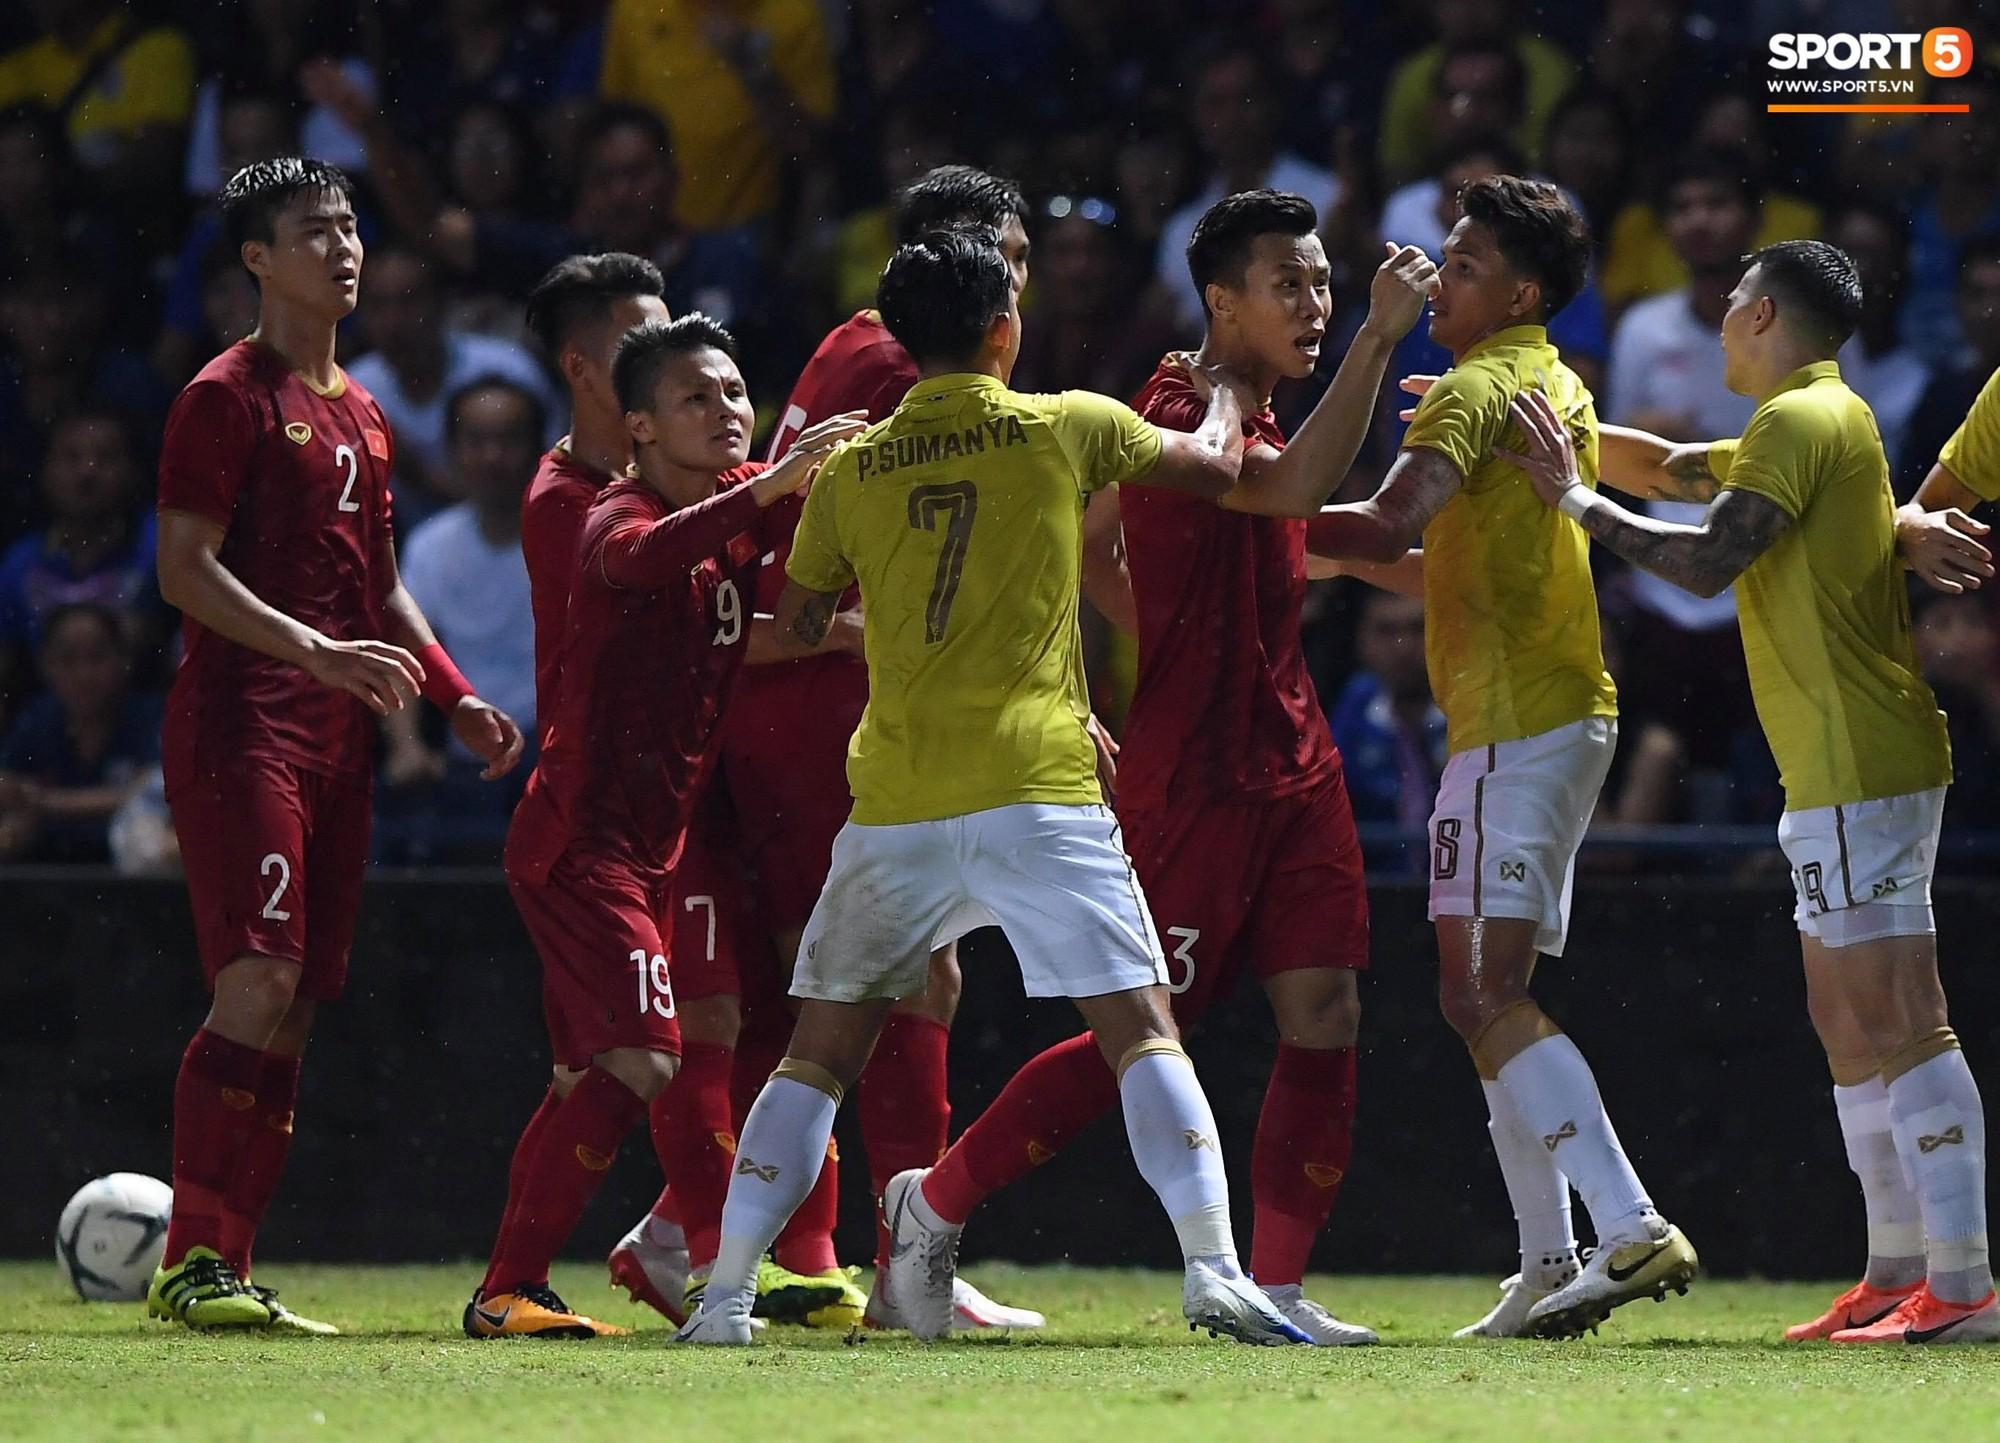 Công Phượng bị cầu thủ Thái Lan sút vào chỗ hiểm - Ảnh 7.